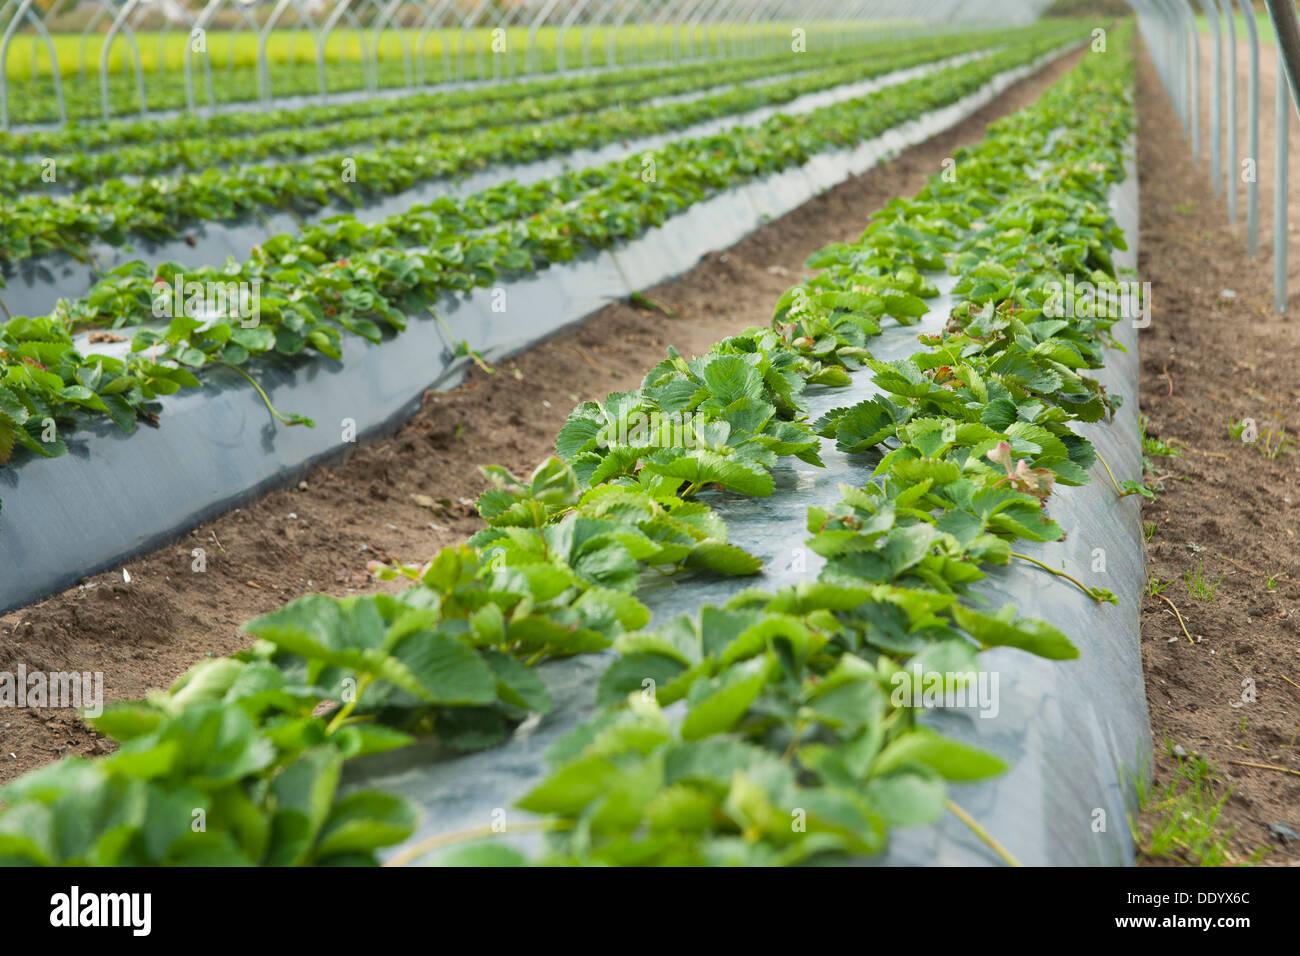 Erdbeer Hochbeet Stockfoto Bild 60234900 Alamy